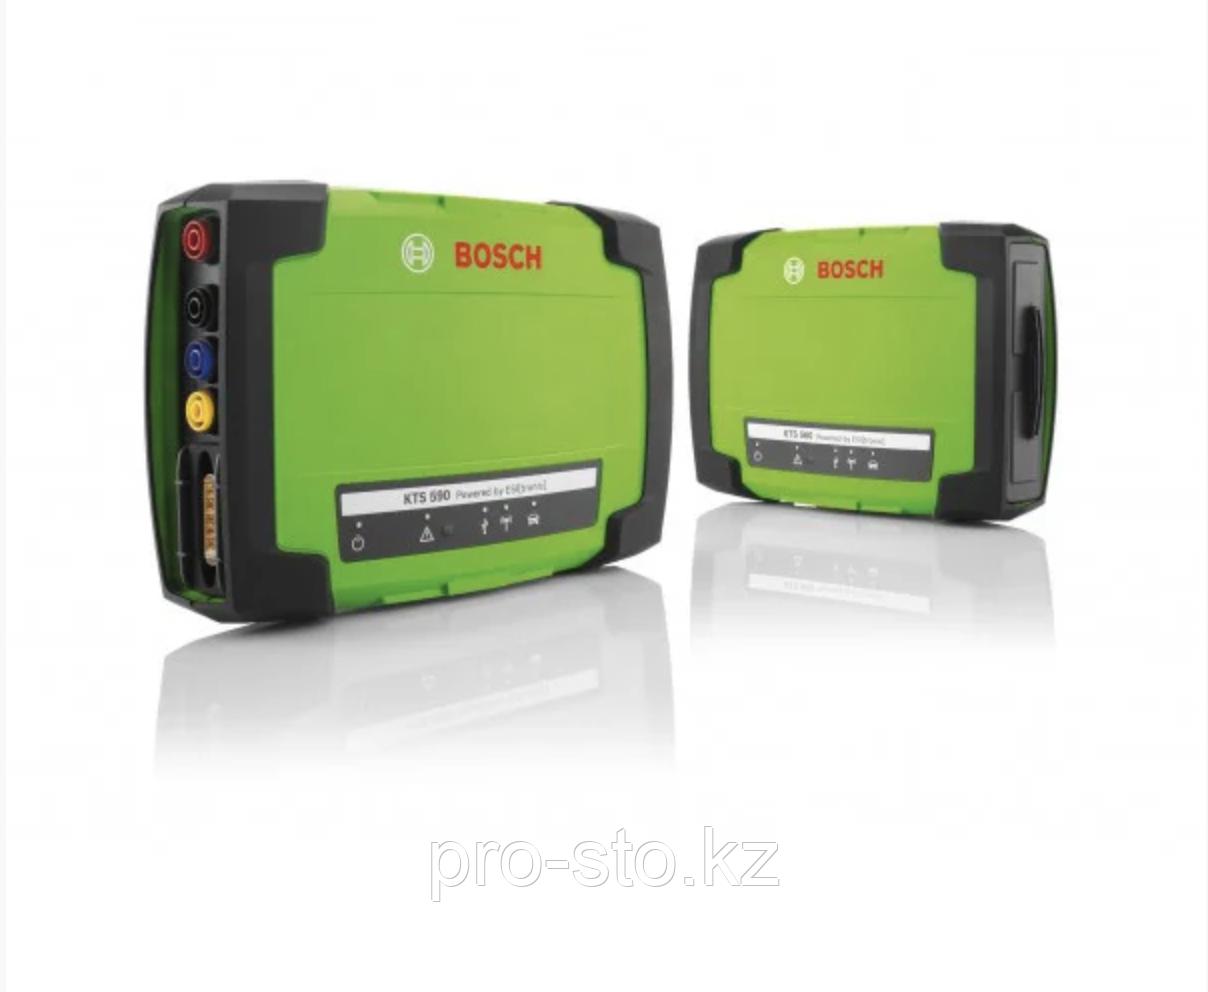 Иагностический комплекс Bosch KTS 590